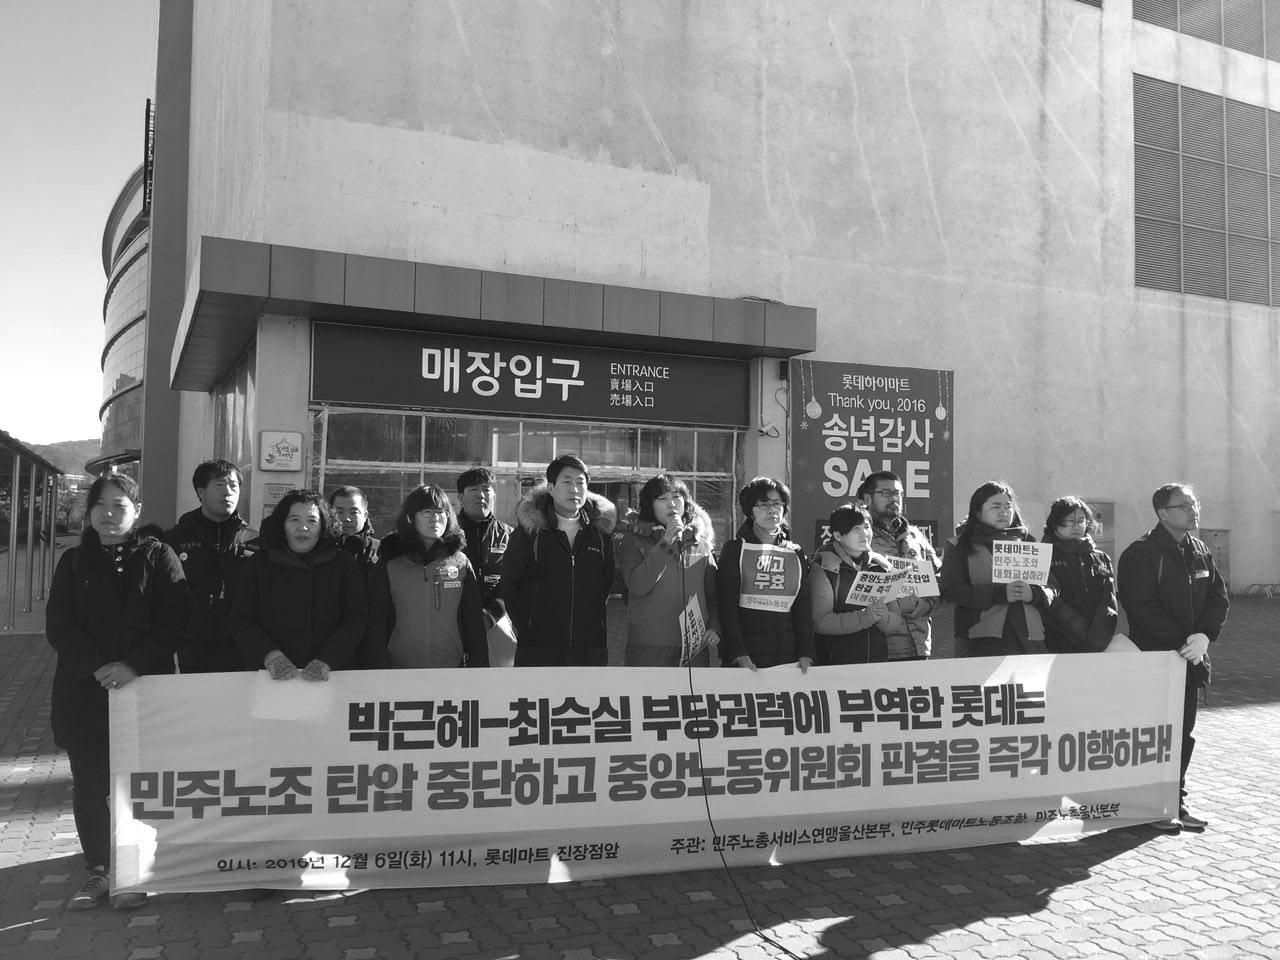 2016.12 롯데마트 규탄 기자회견